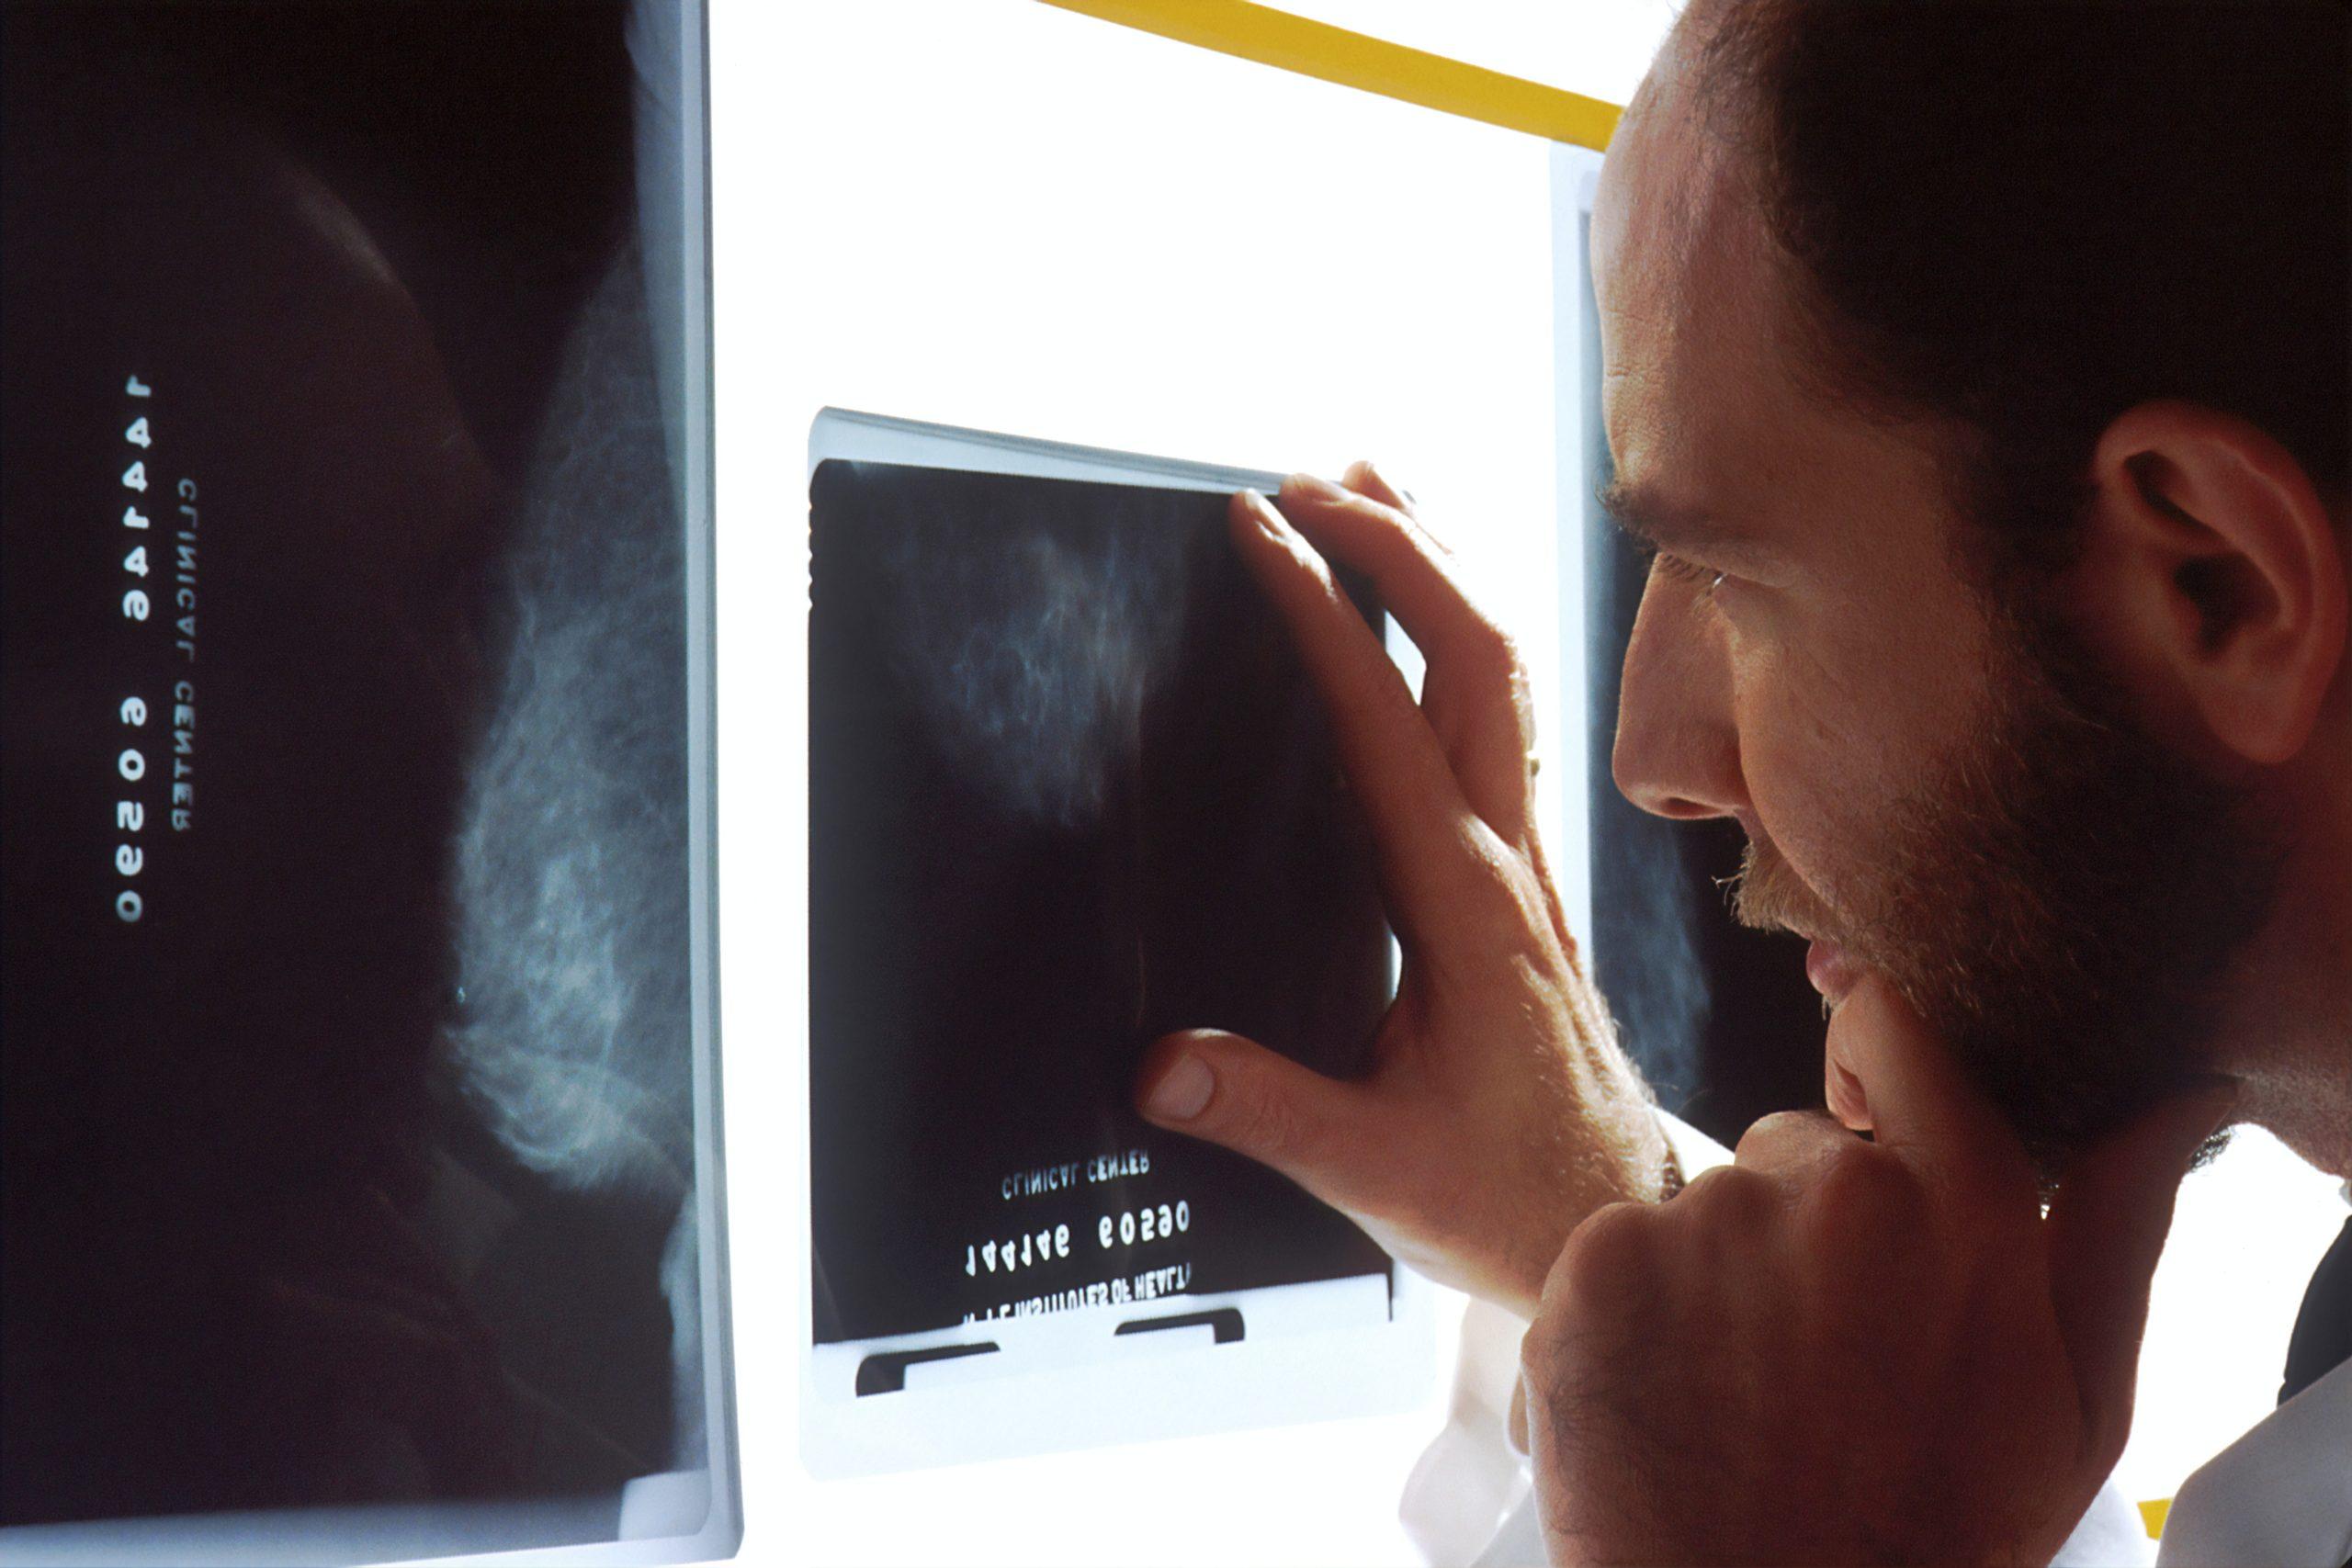 癌を患うと違う癌のリスクが上がるか?